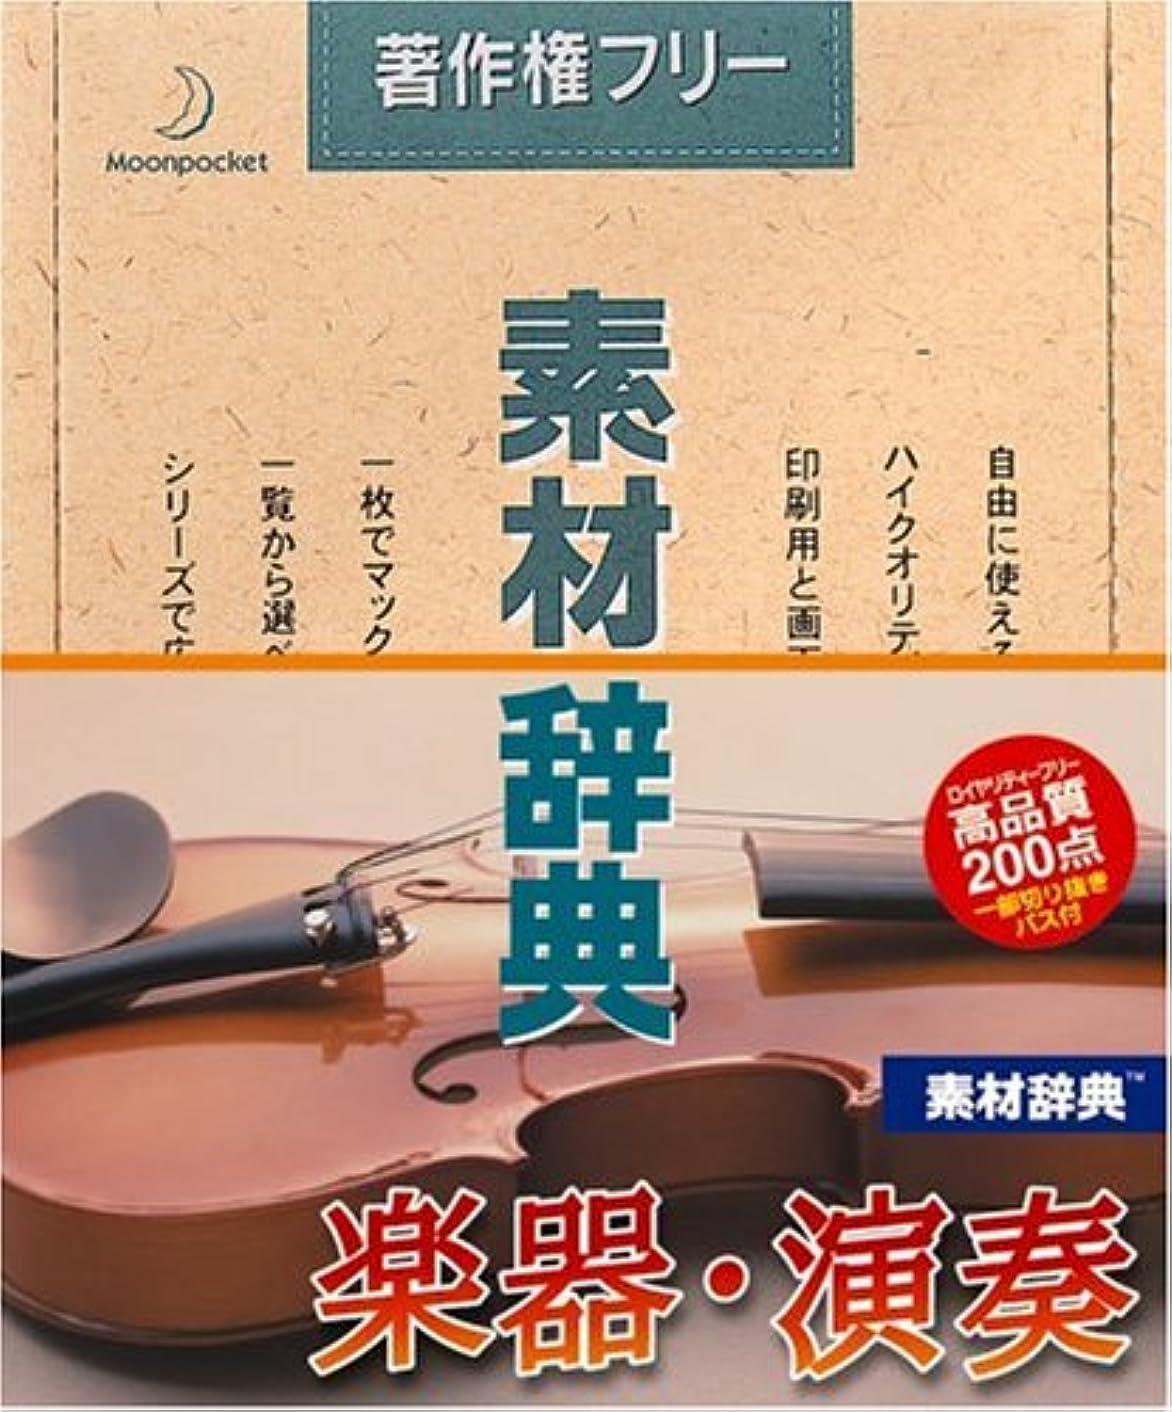 インストール罹患率サイドボード素材辞典 Vol.104 楽器?演奏編